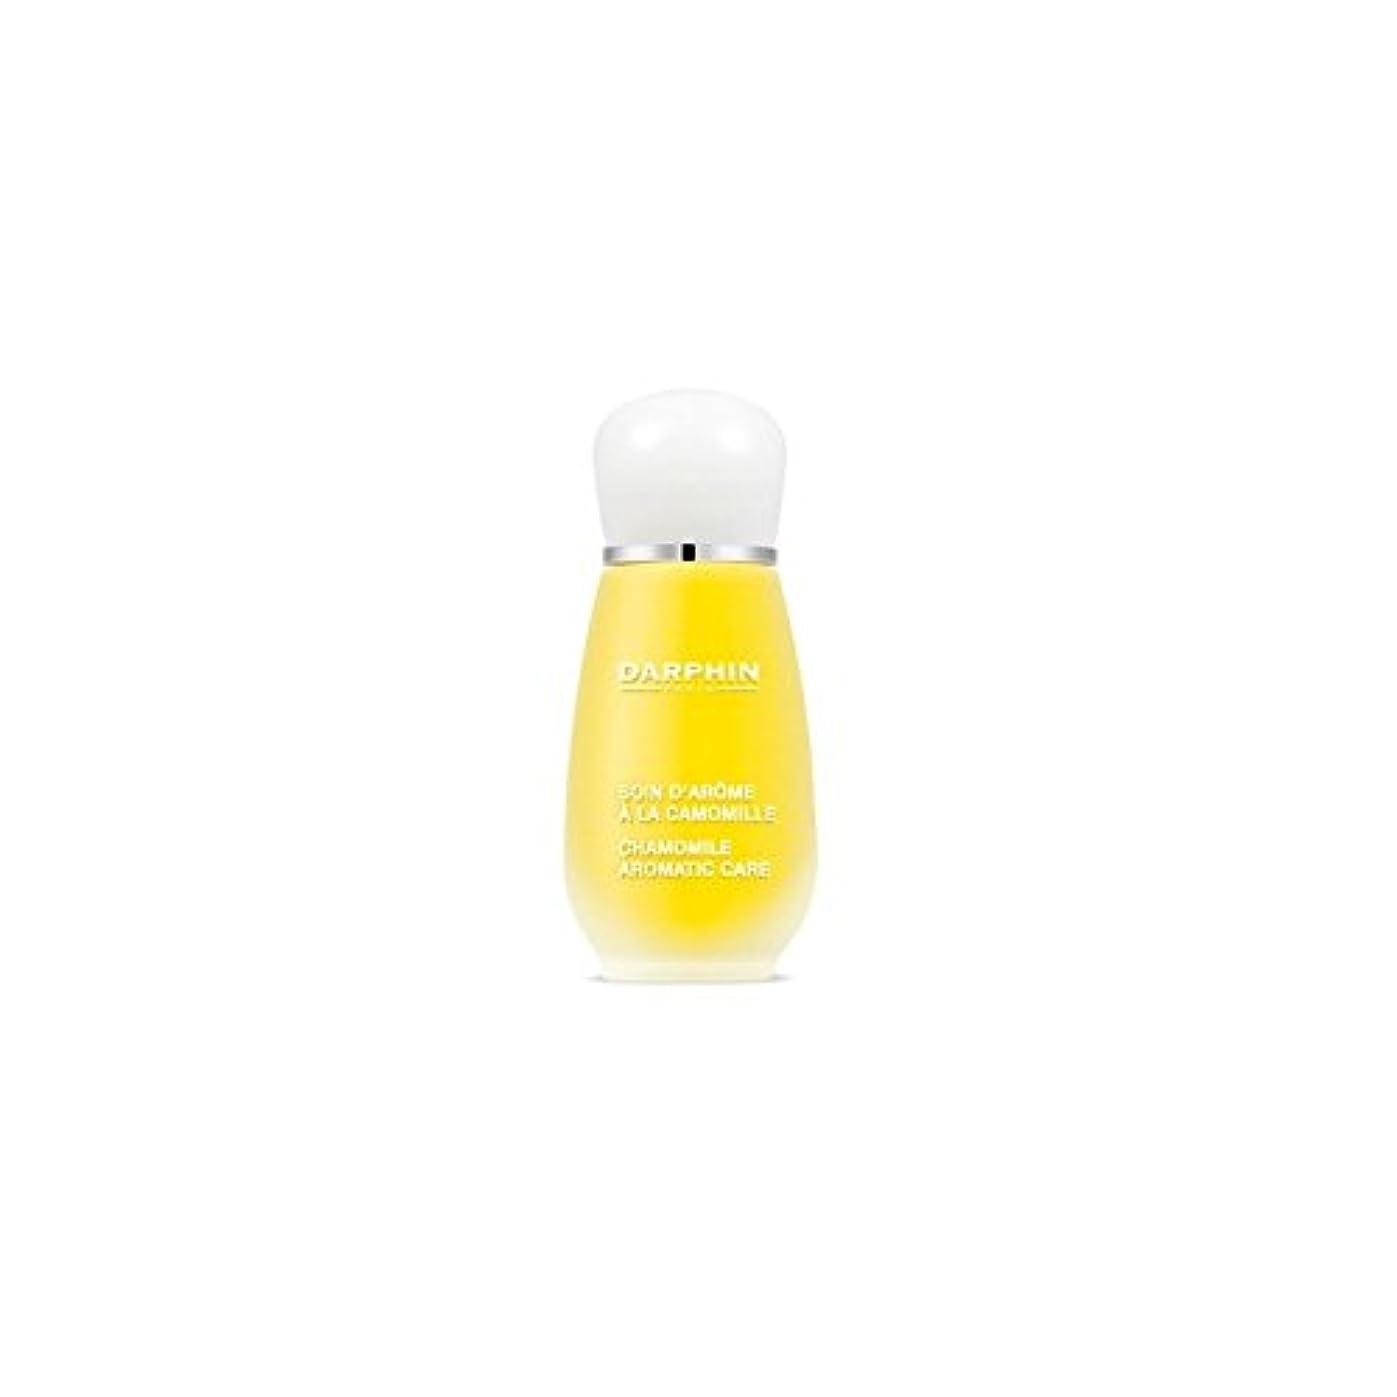 士気冗長合図Darphin Chamomile Aromatic Care (15ml) - ダルファンカモミール芳香ケア(15ミリリットル) [並行輸入品]